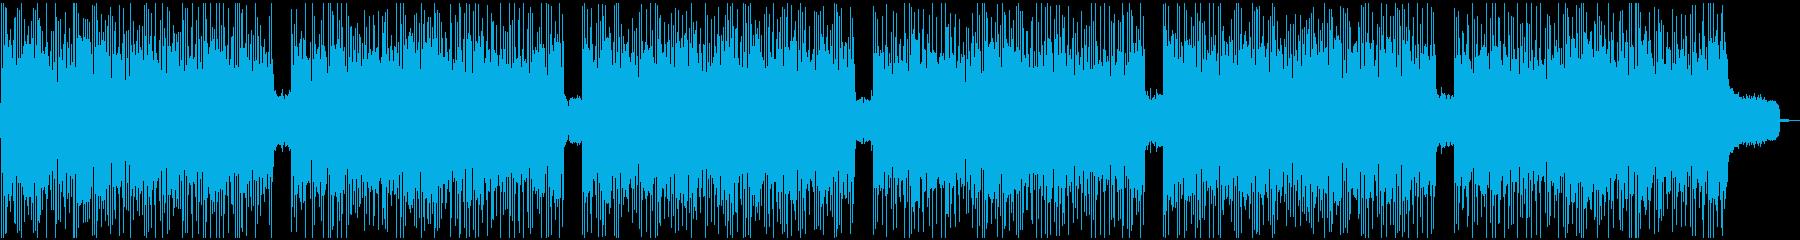 激しい戦闘ゲームに合う重低音ハードロックの再生済みの波形